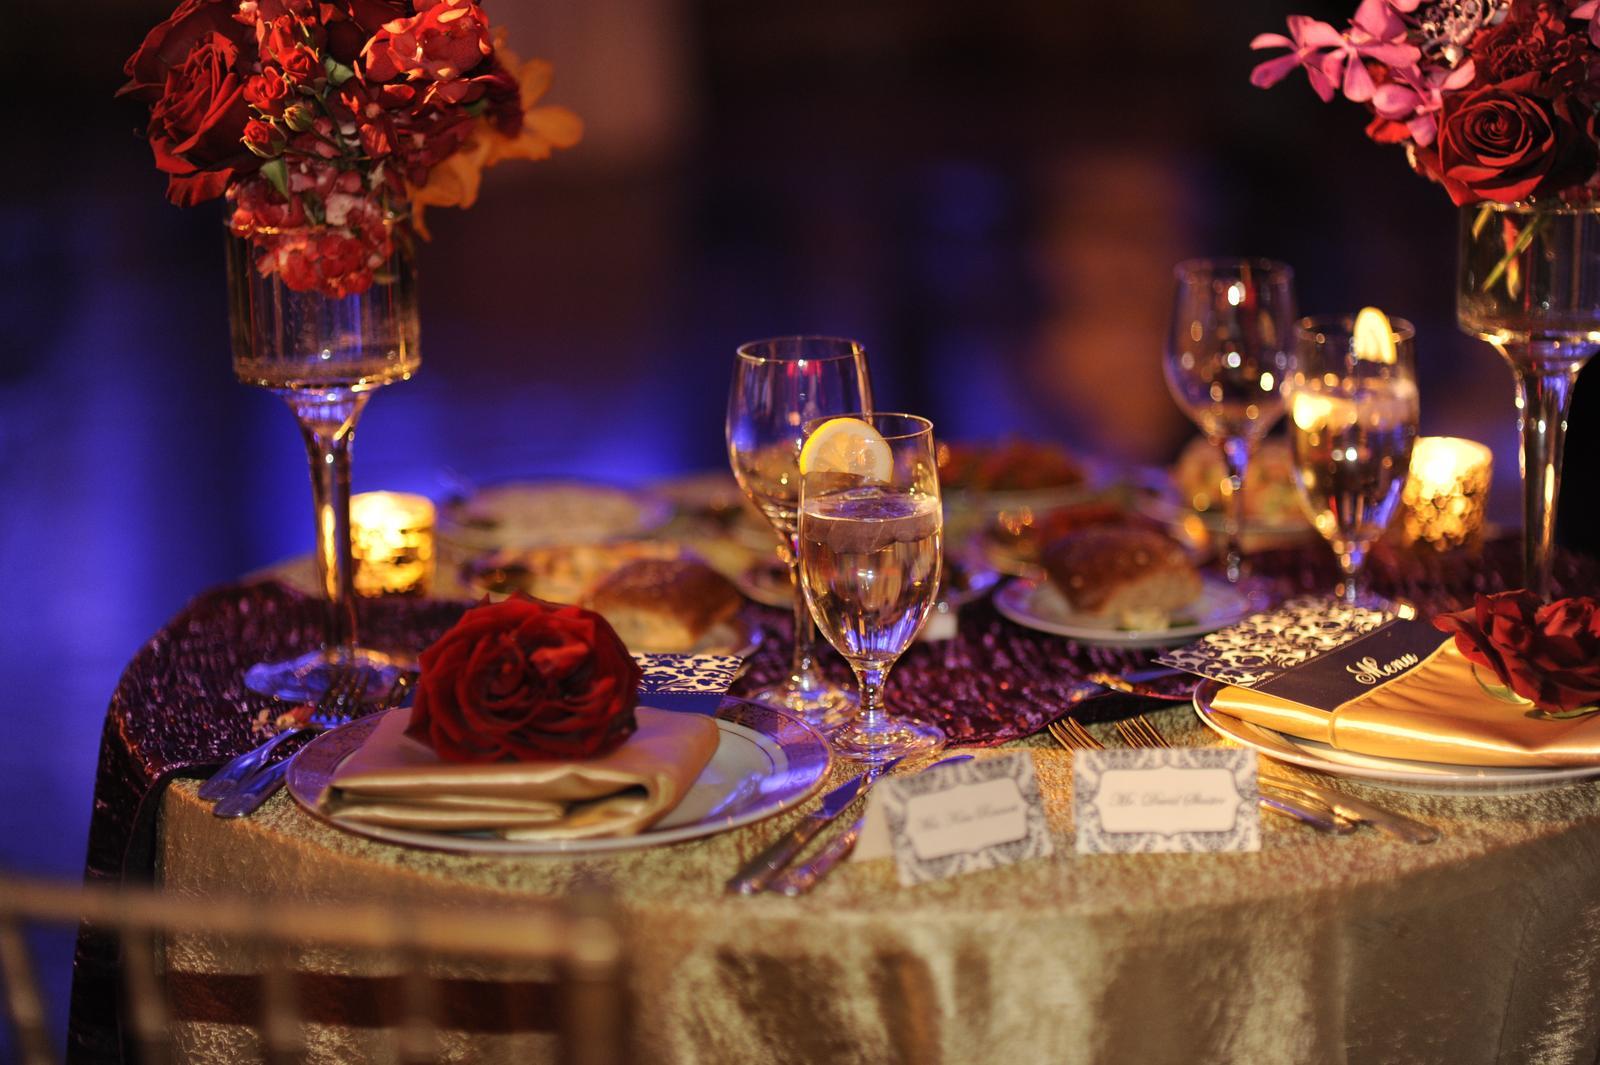 Tipy na prostírání stolů - Obrázek č. 67